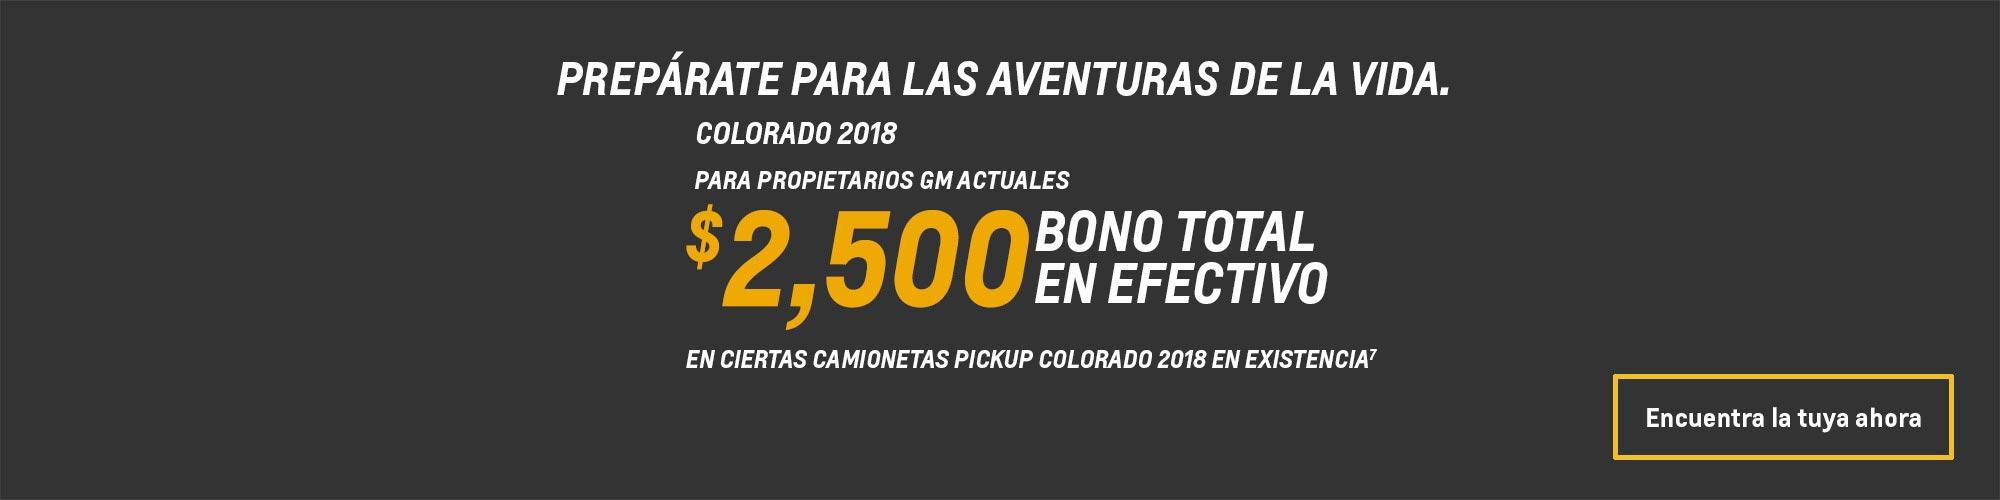 Ofertas en camionetas de tamaño mediano Colorado 2018